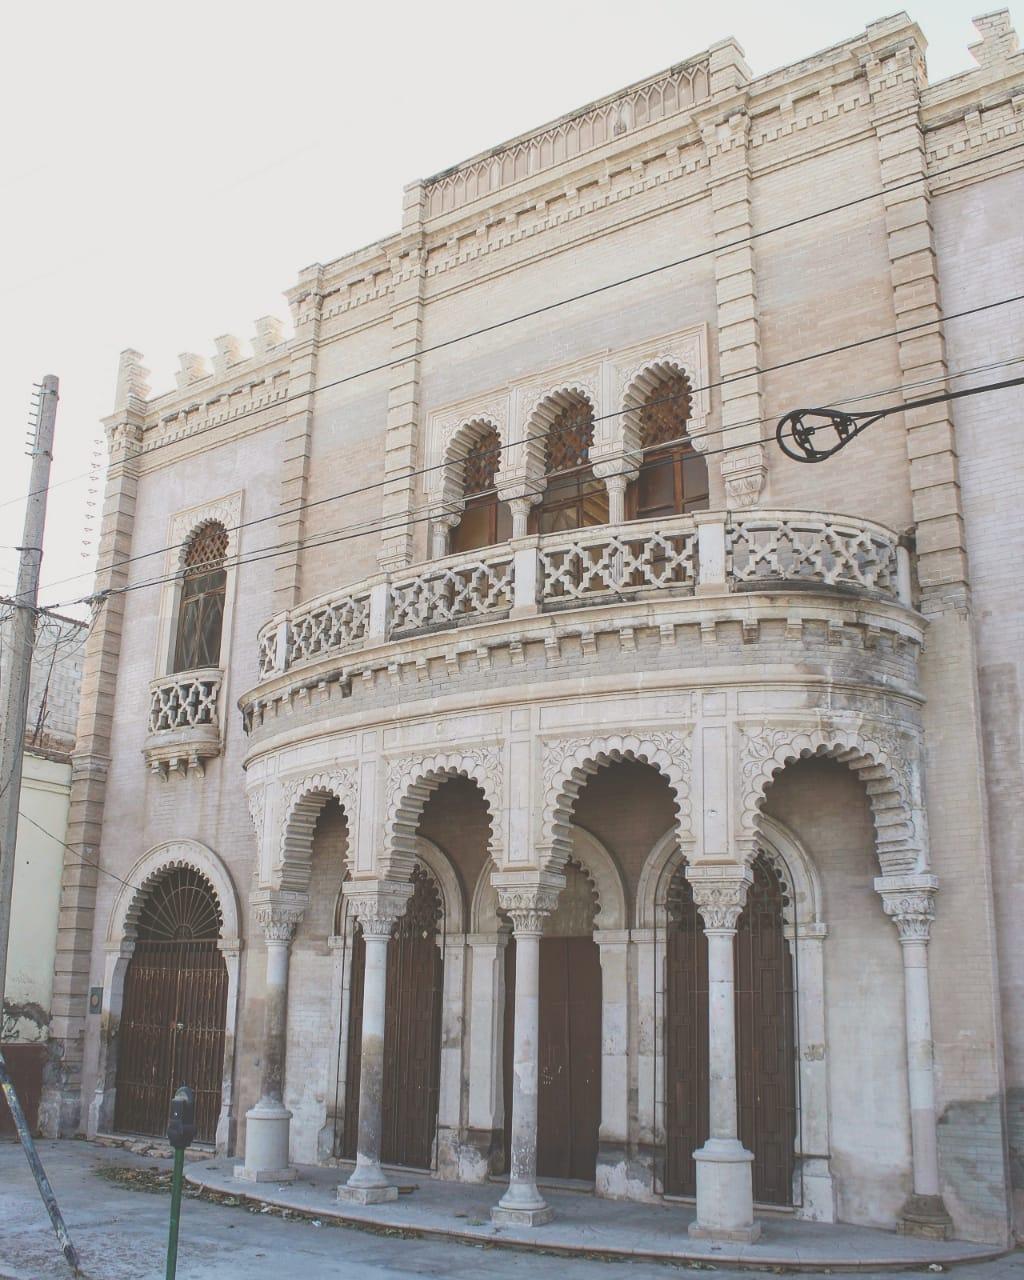 La Casa Es Muy Bonita Y Grande World Mediterranean: Wikipedia, La Enciclopedia Libre